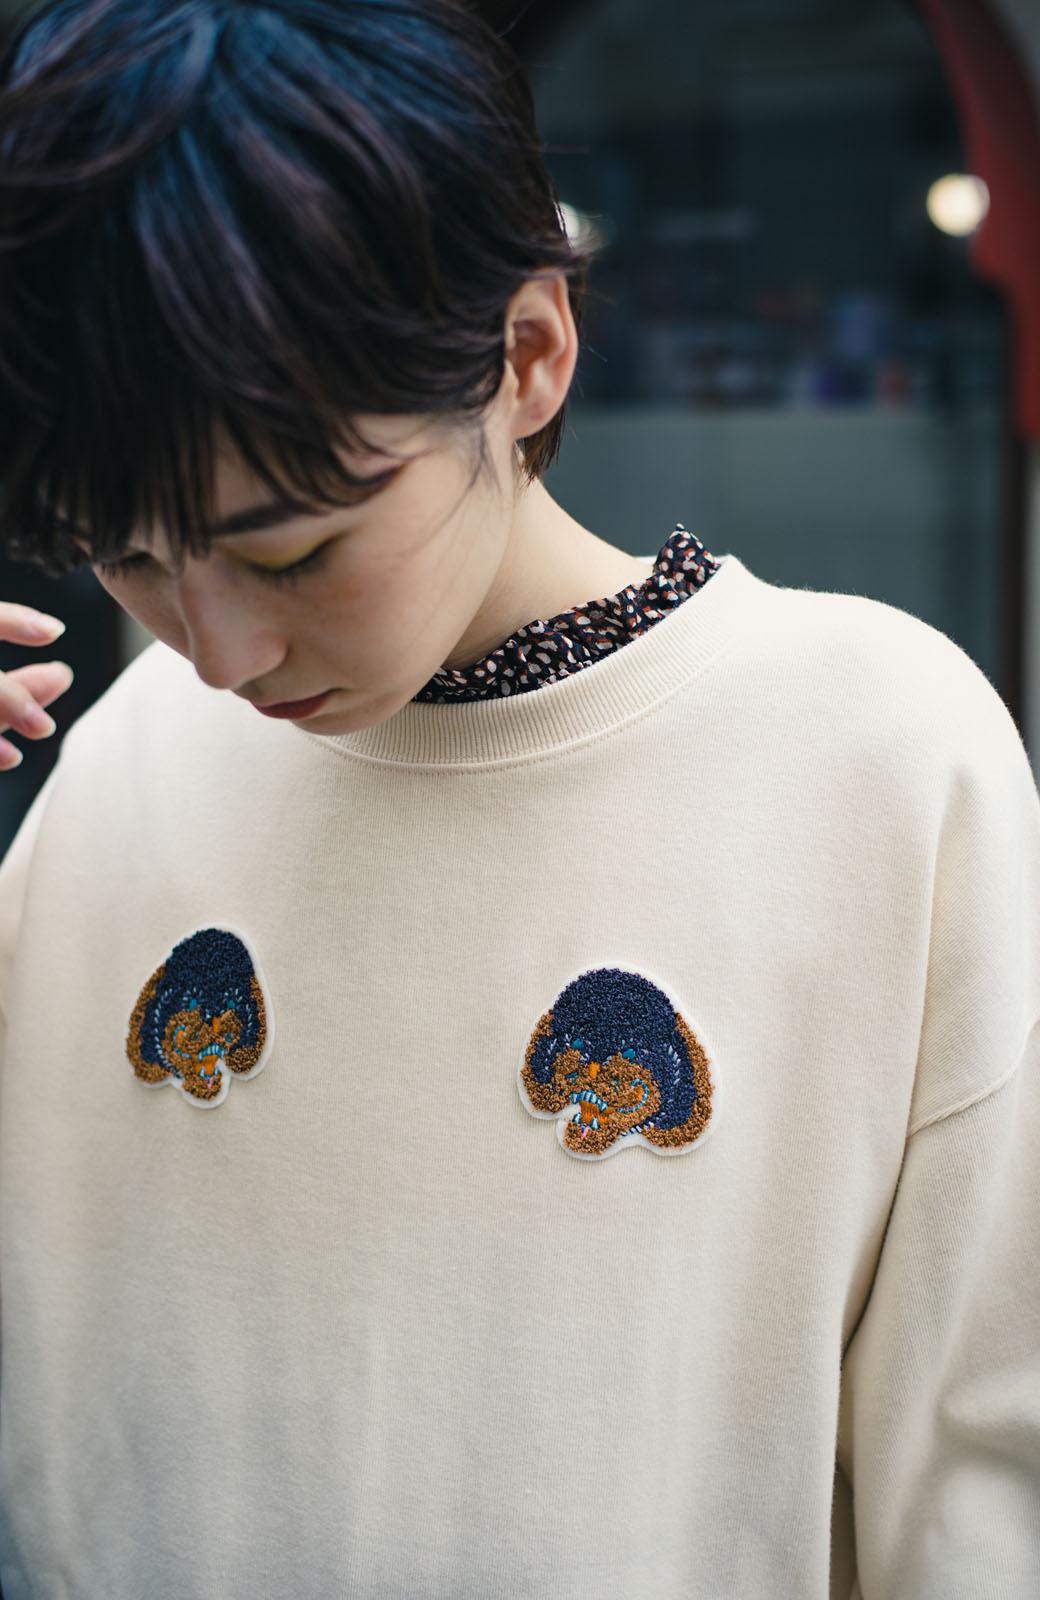 haco! haco! × RBTXCO何色がお好き?プードルちゃんのぷくぷく刺繍ワッペン付きスウェットプルオーバー <オフホワイト>の商品写真4